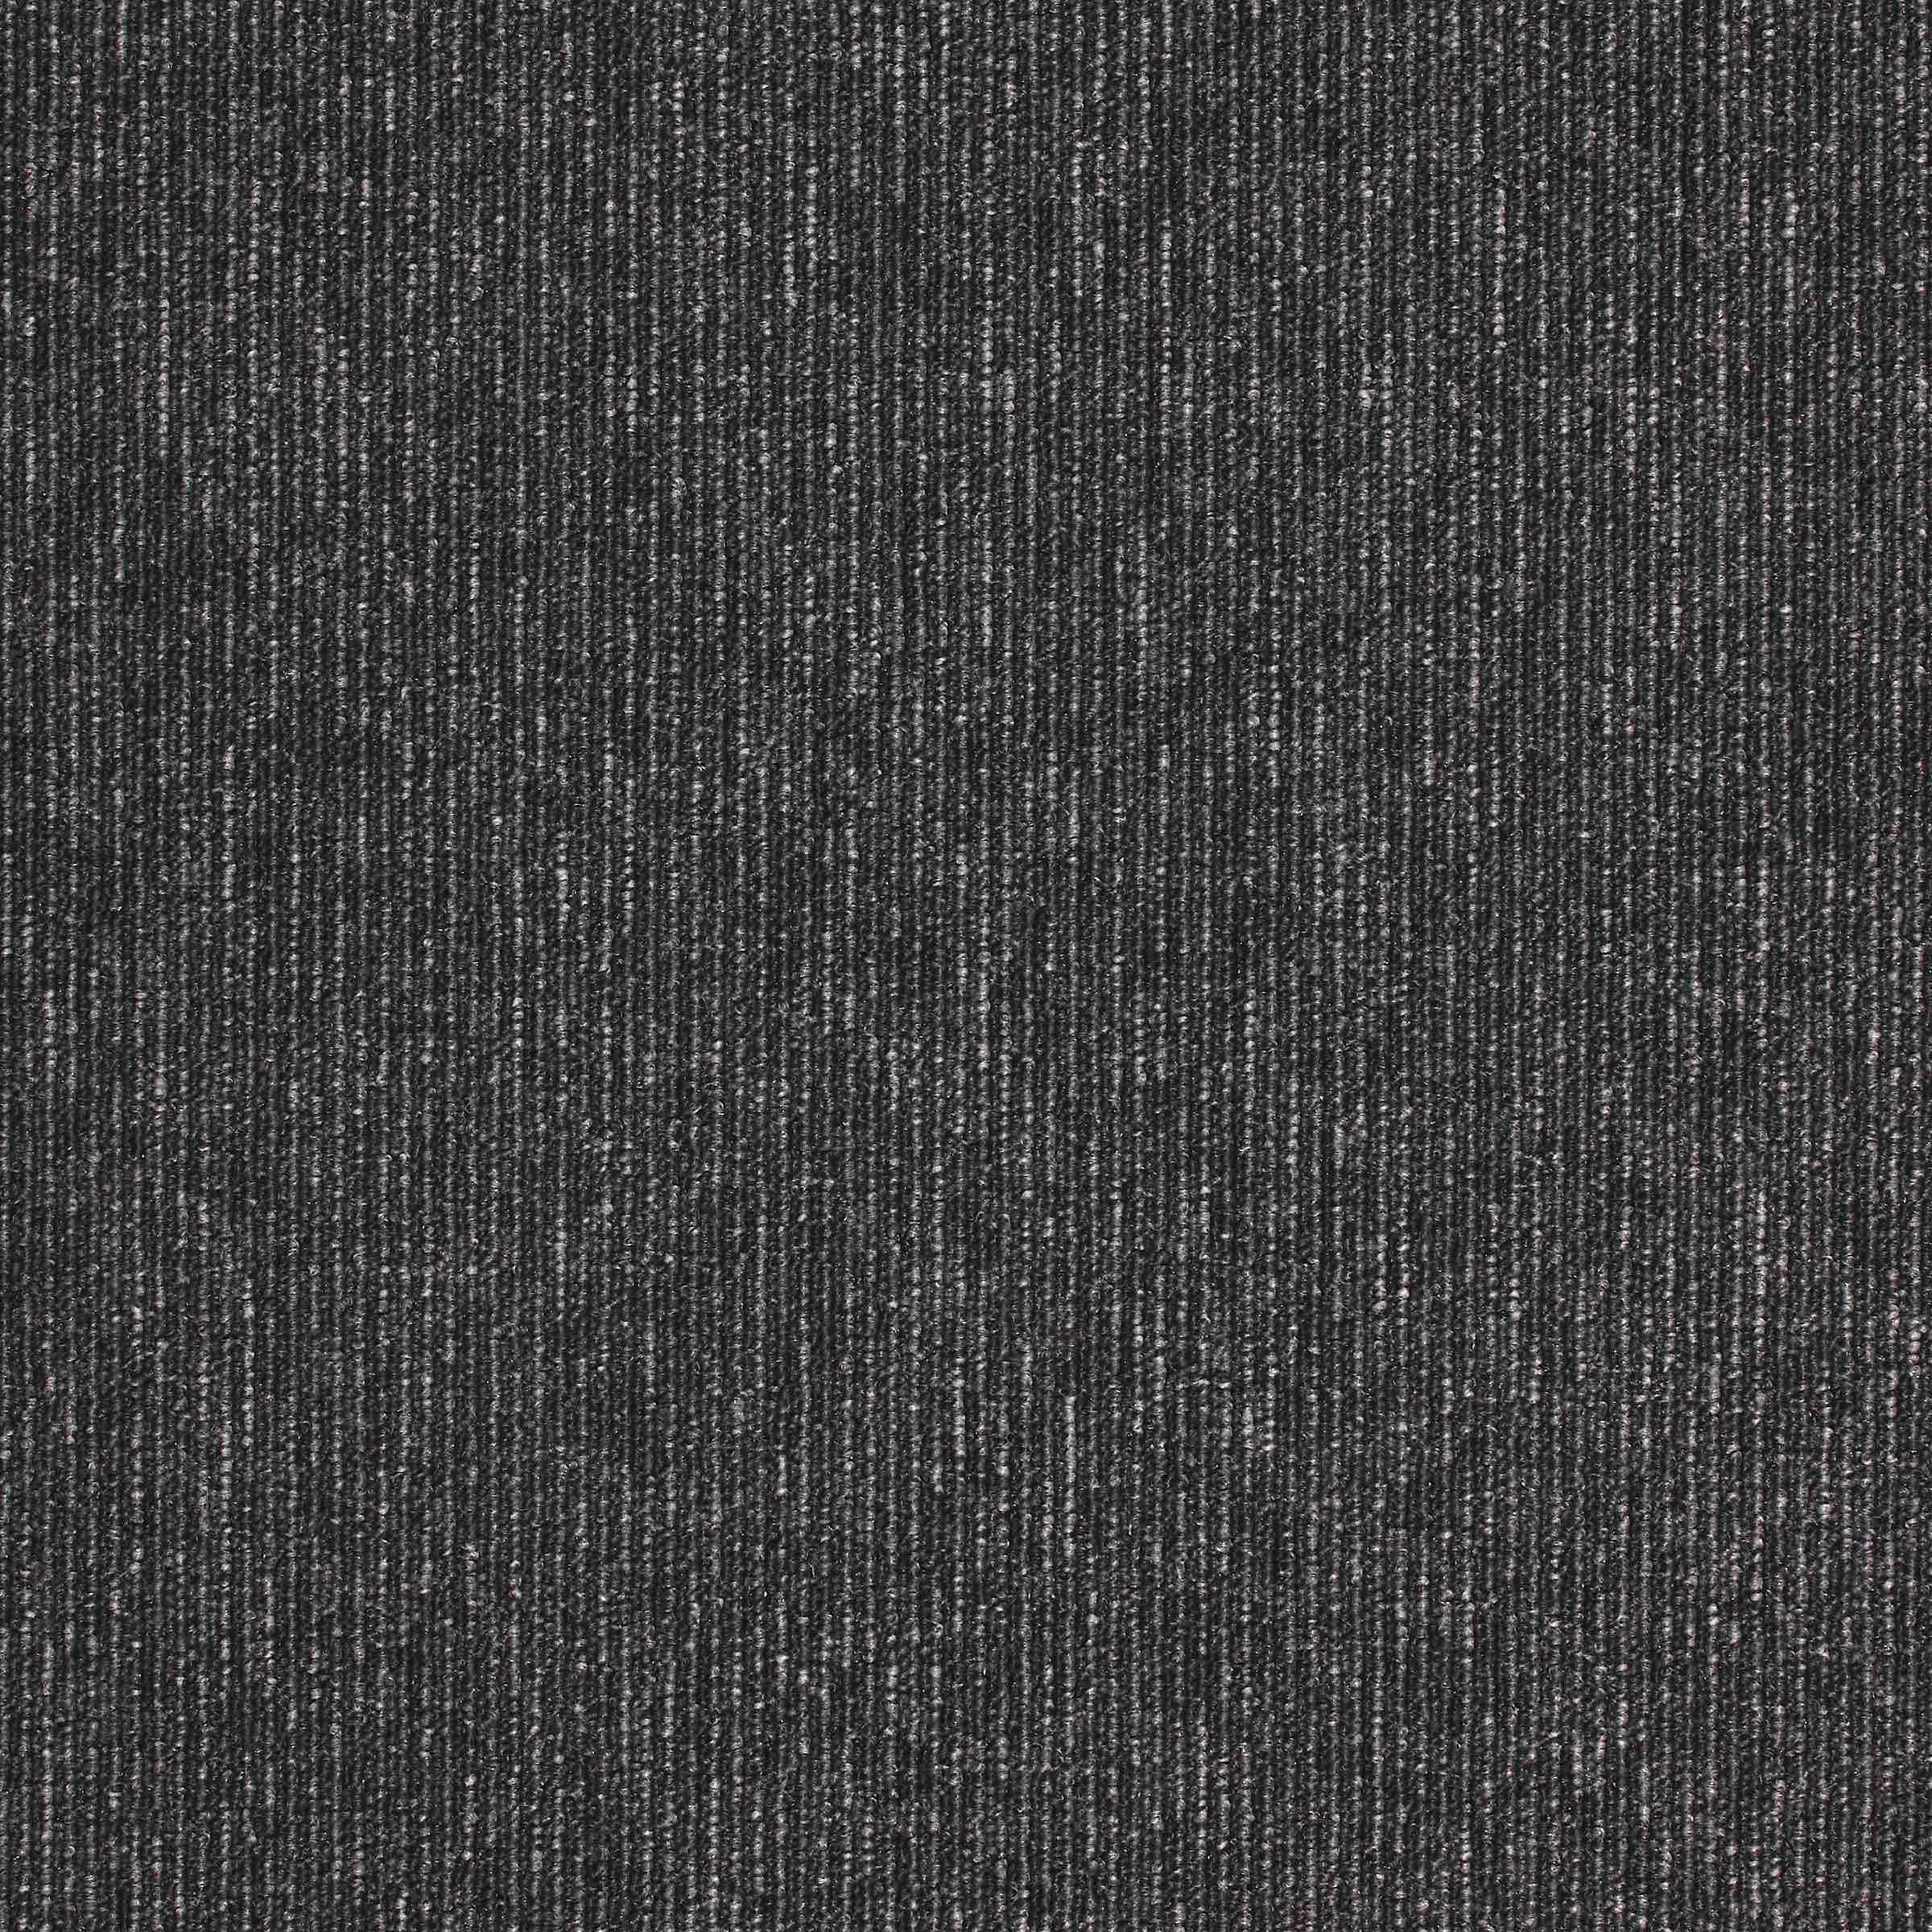 Macaw Stripe | Jet : Quartz | Paragon Carpet Tiles | Commercial Carpet Tiles